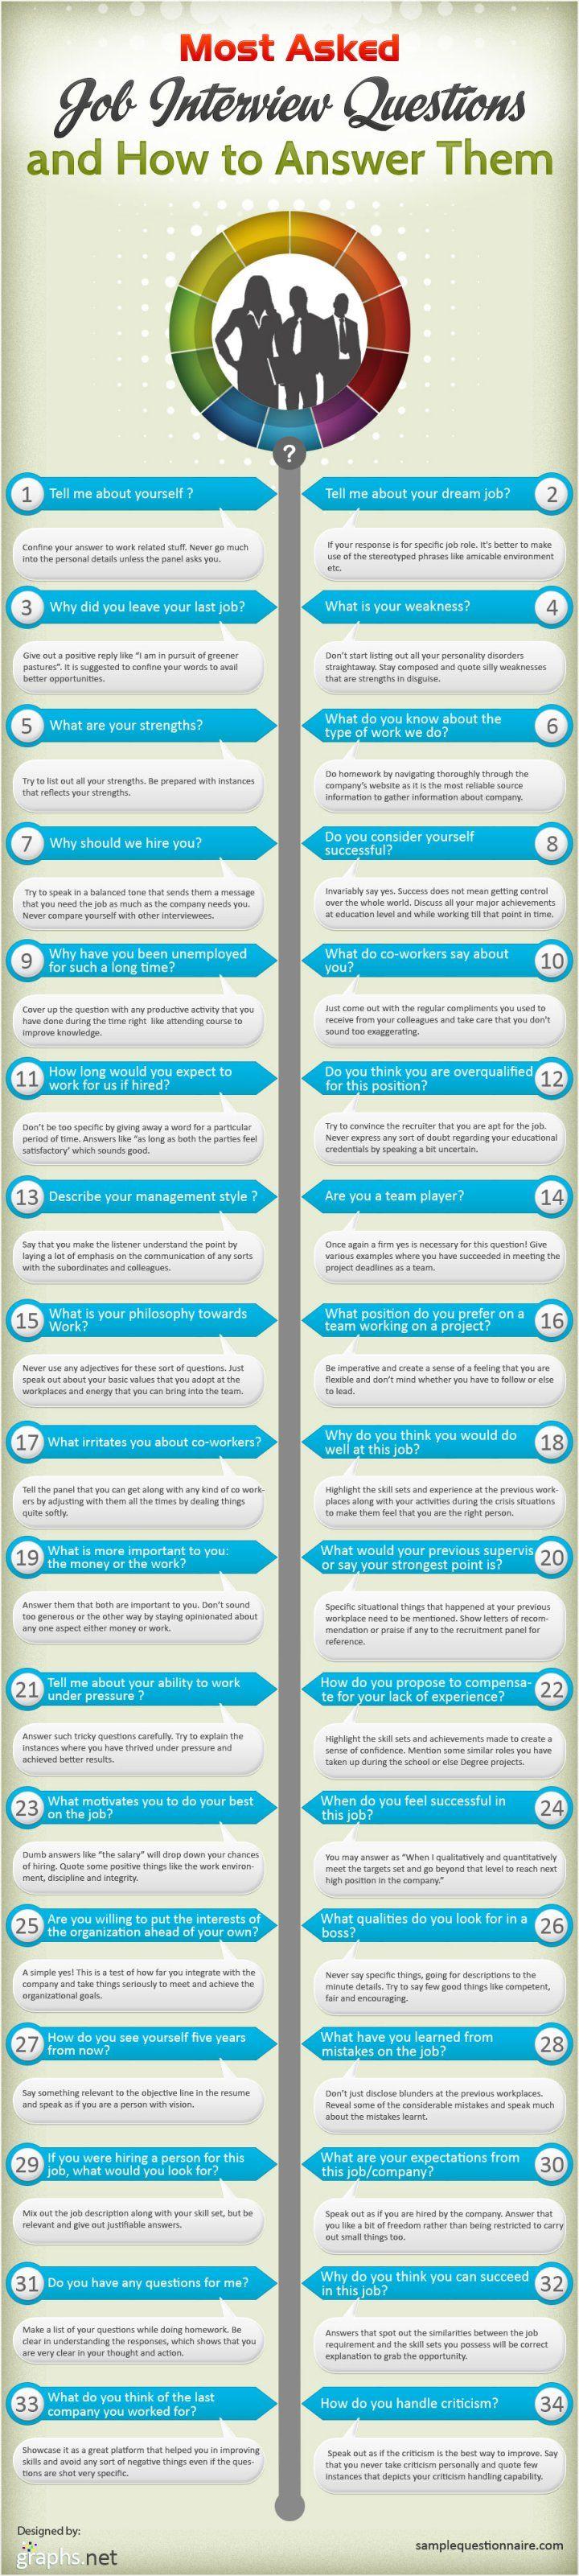 ¿Cuáles son las preguntas más frecuentes en una entrevista de trabajo en inglés? vía @Infoempleo.com #rrhh, #idiomas, #empleo